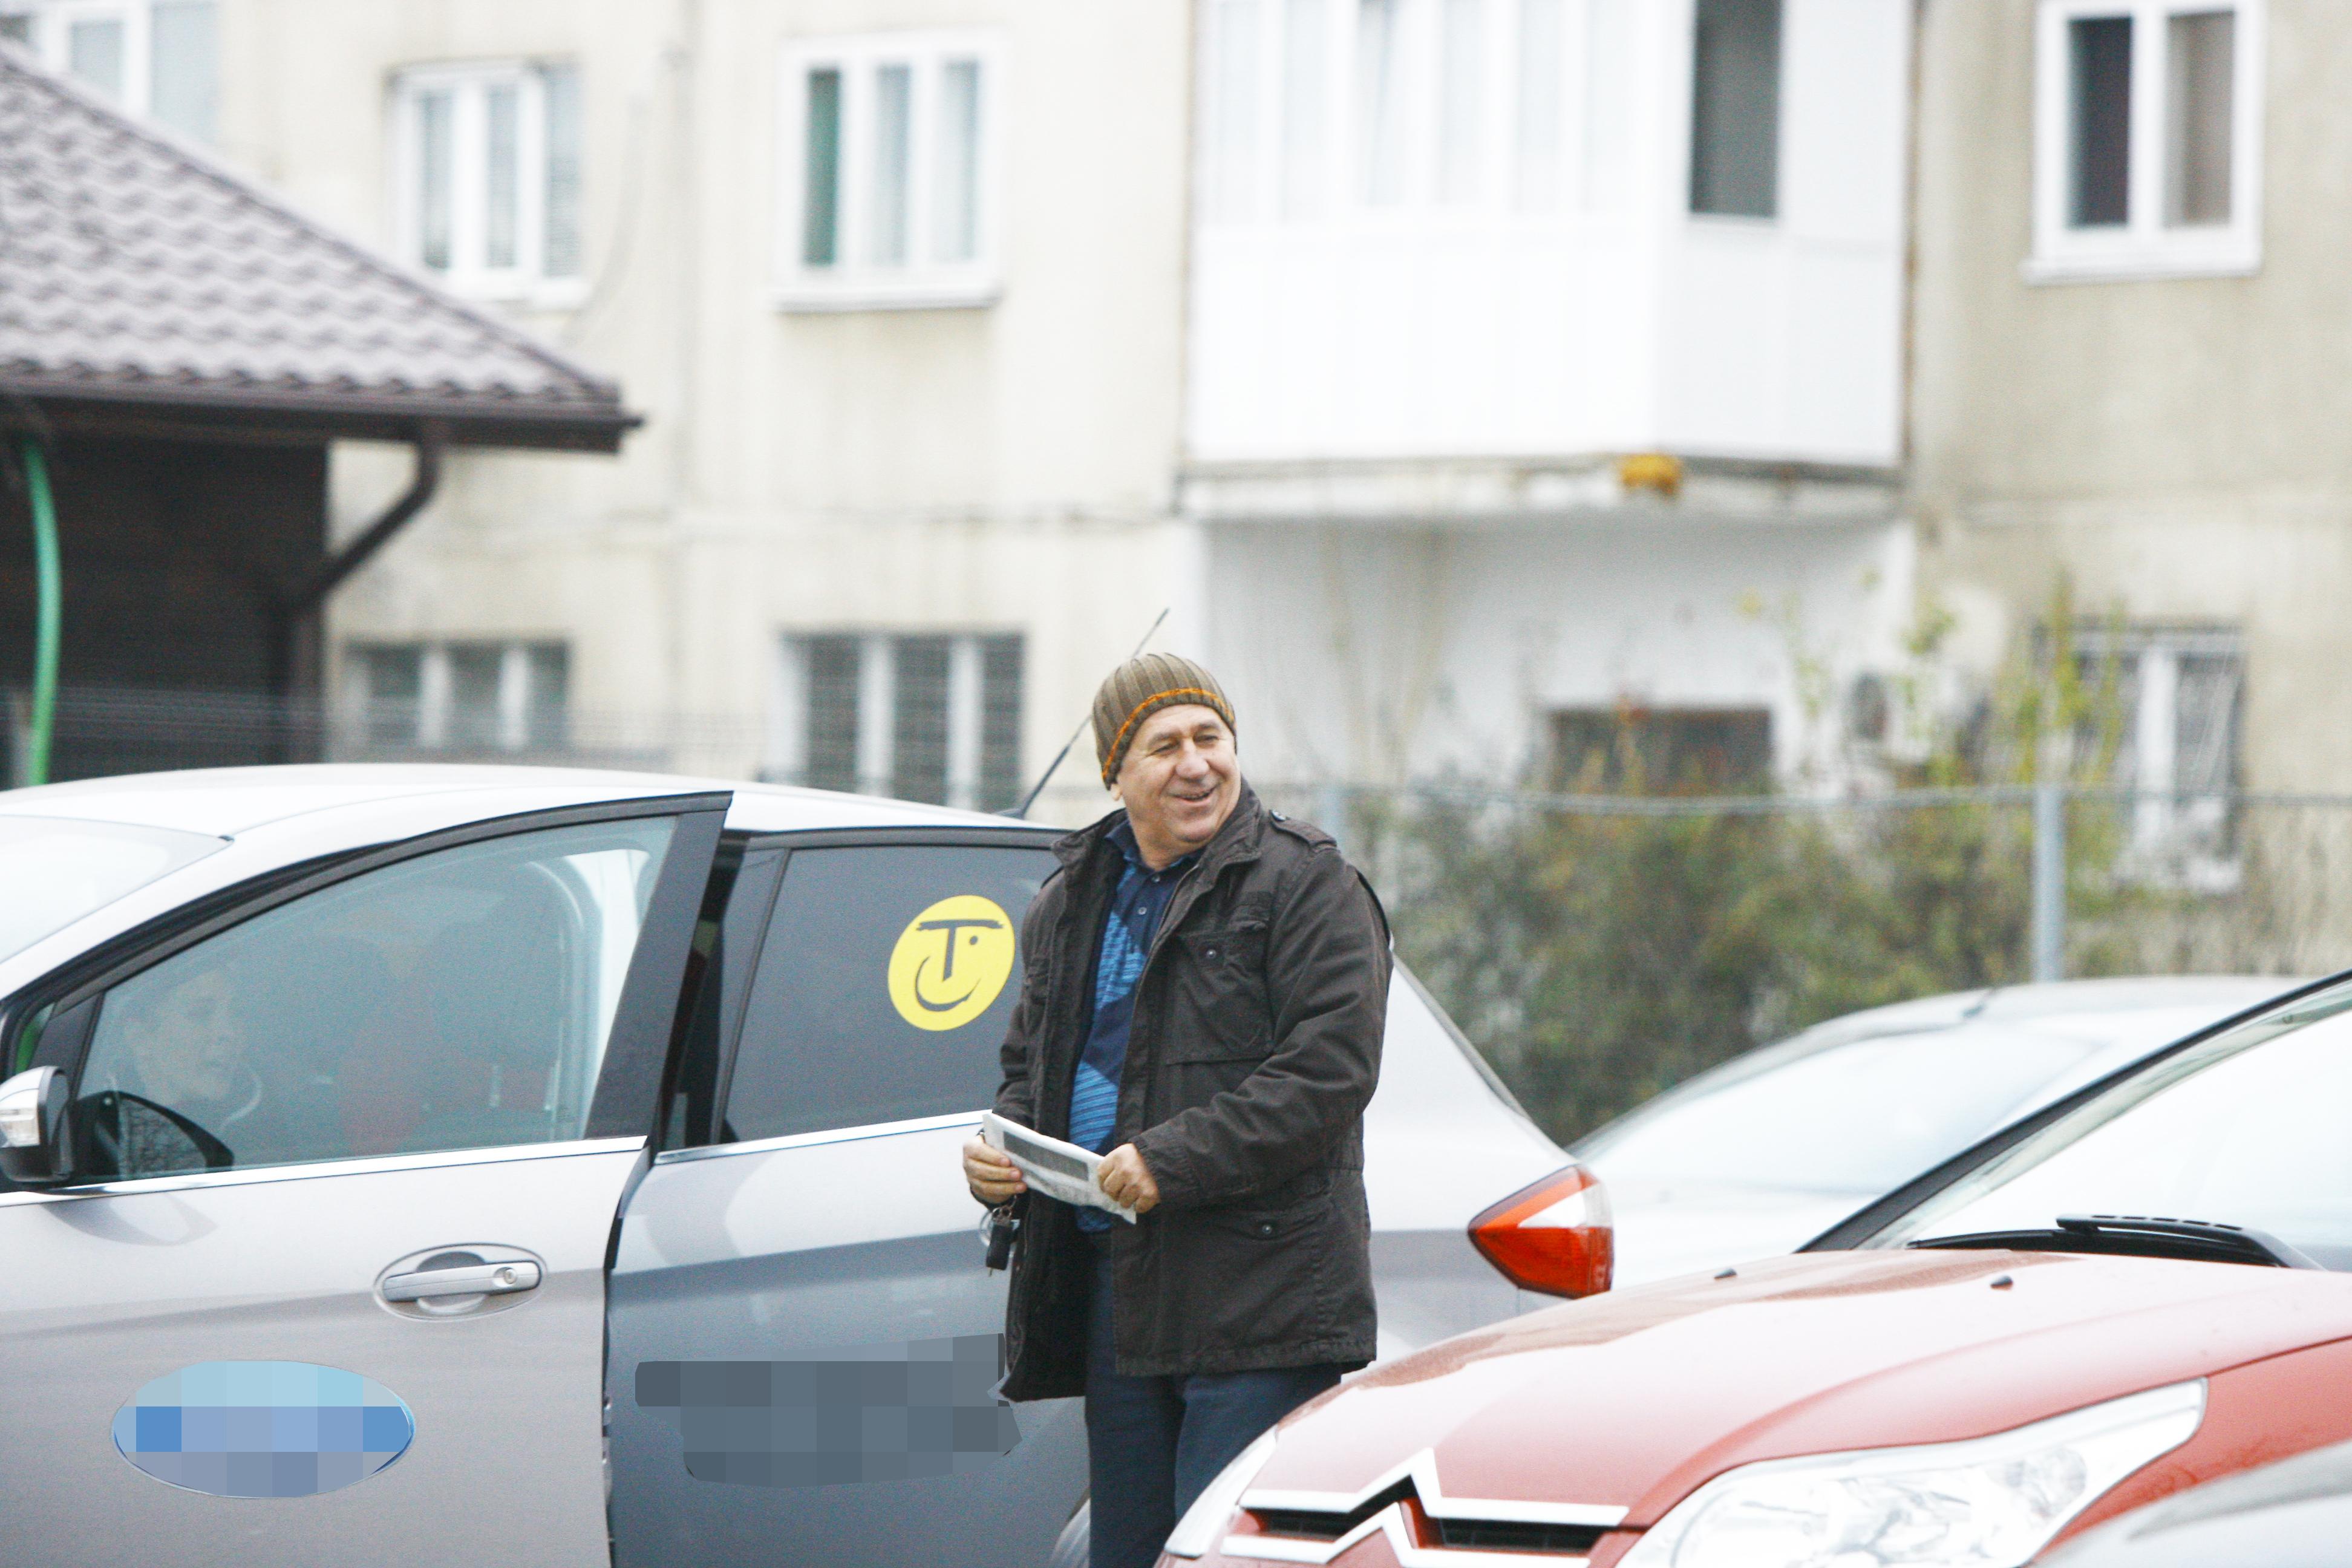 De abia dupa ce actrita Delia Seceleanu si cei doi copii s-au asezat in masina, Mihaita urca si el pentru a pleca spre casa